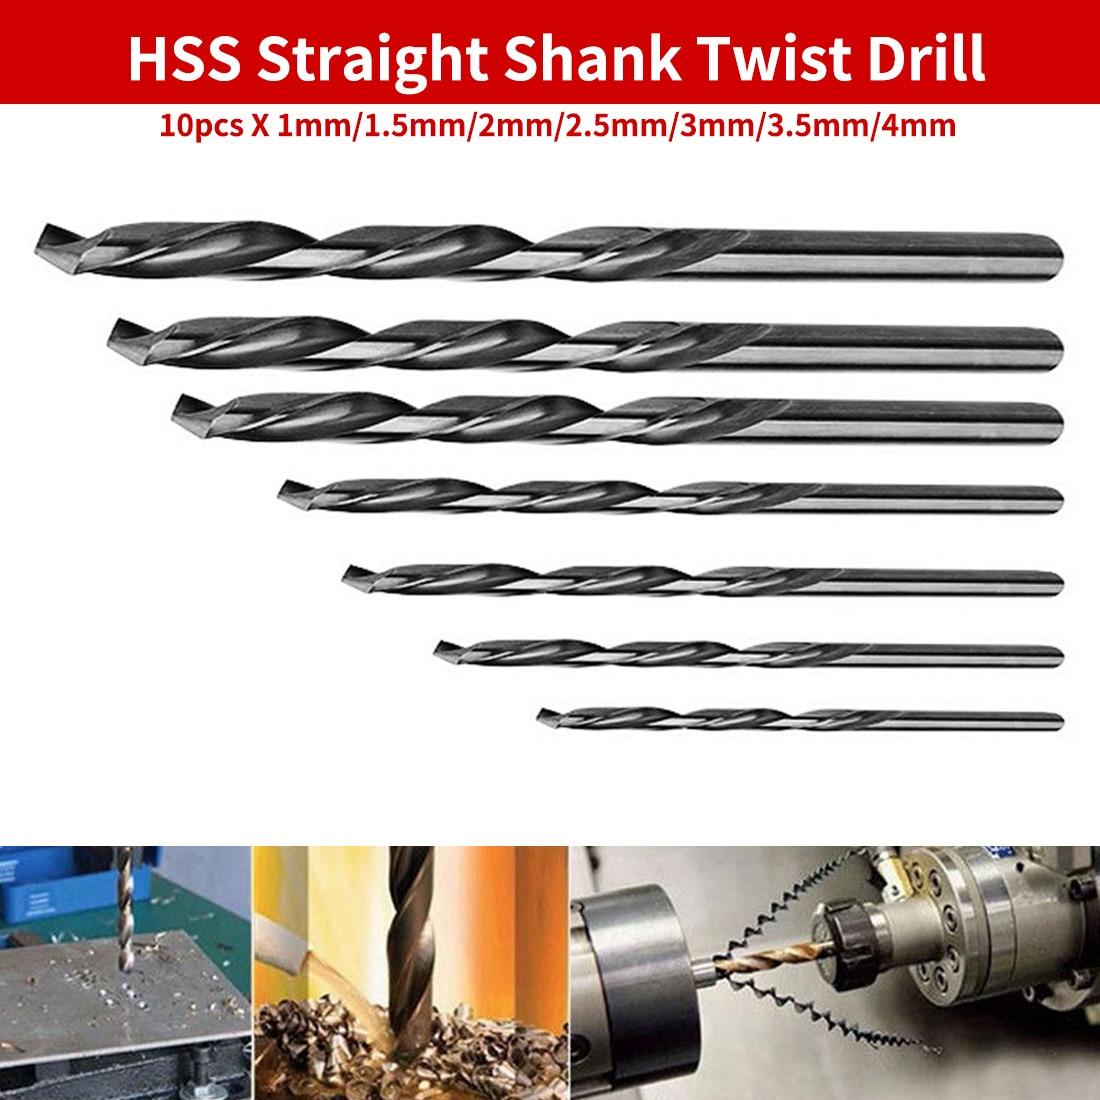 HSS Straight Shank 6.4mm Diameter Twist Drilling Bit for Electric Drills